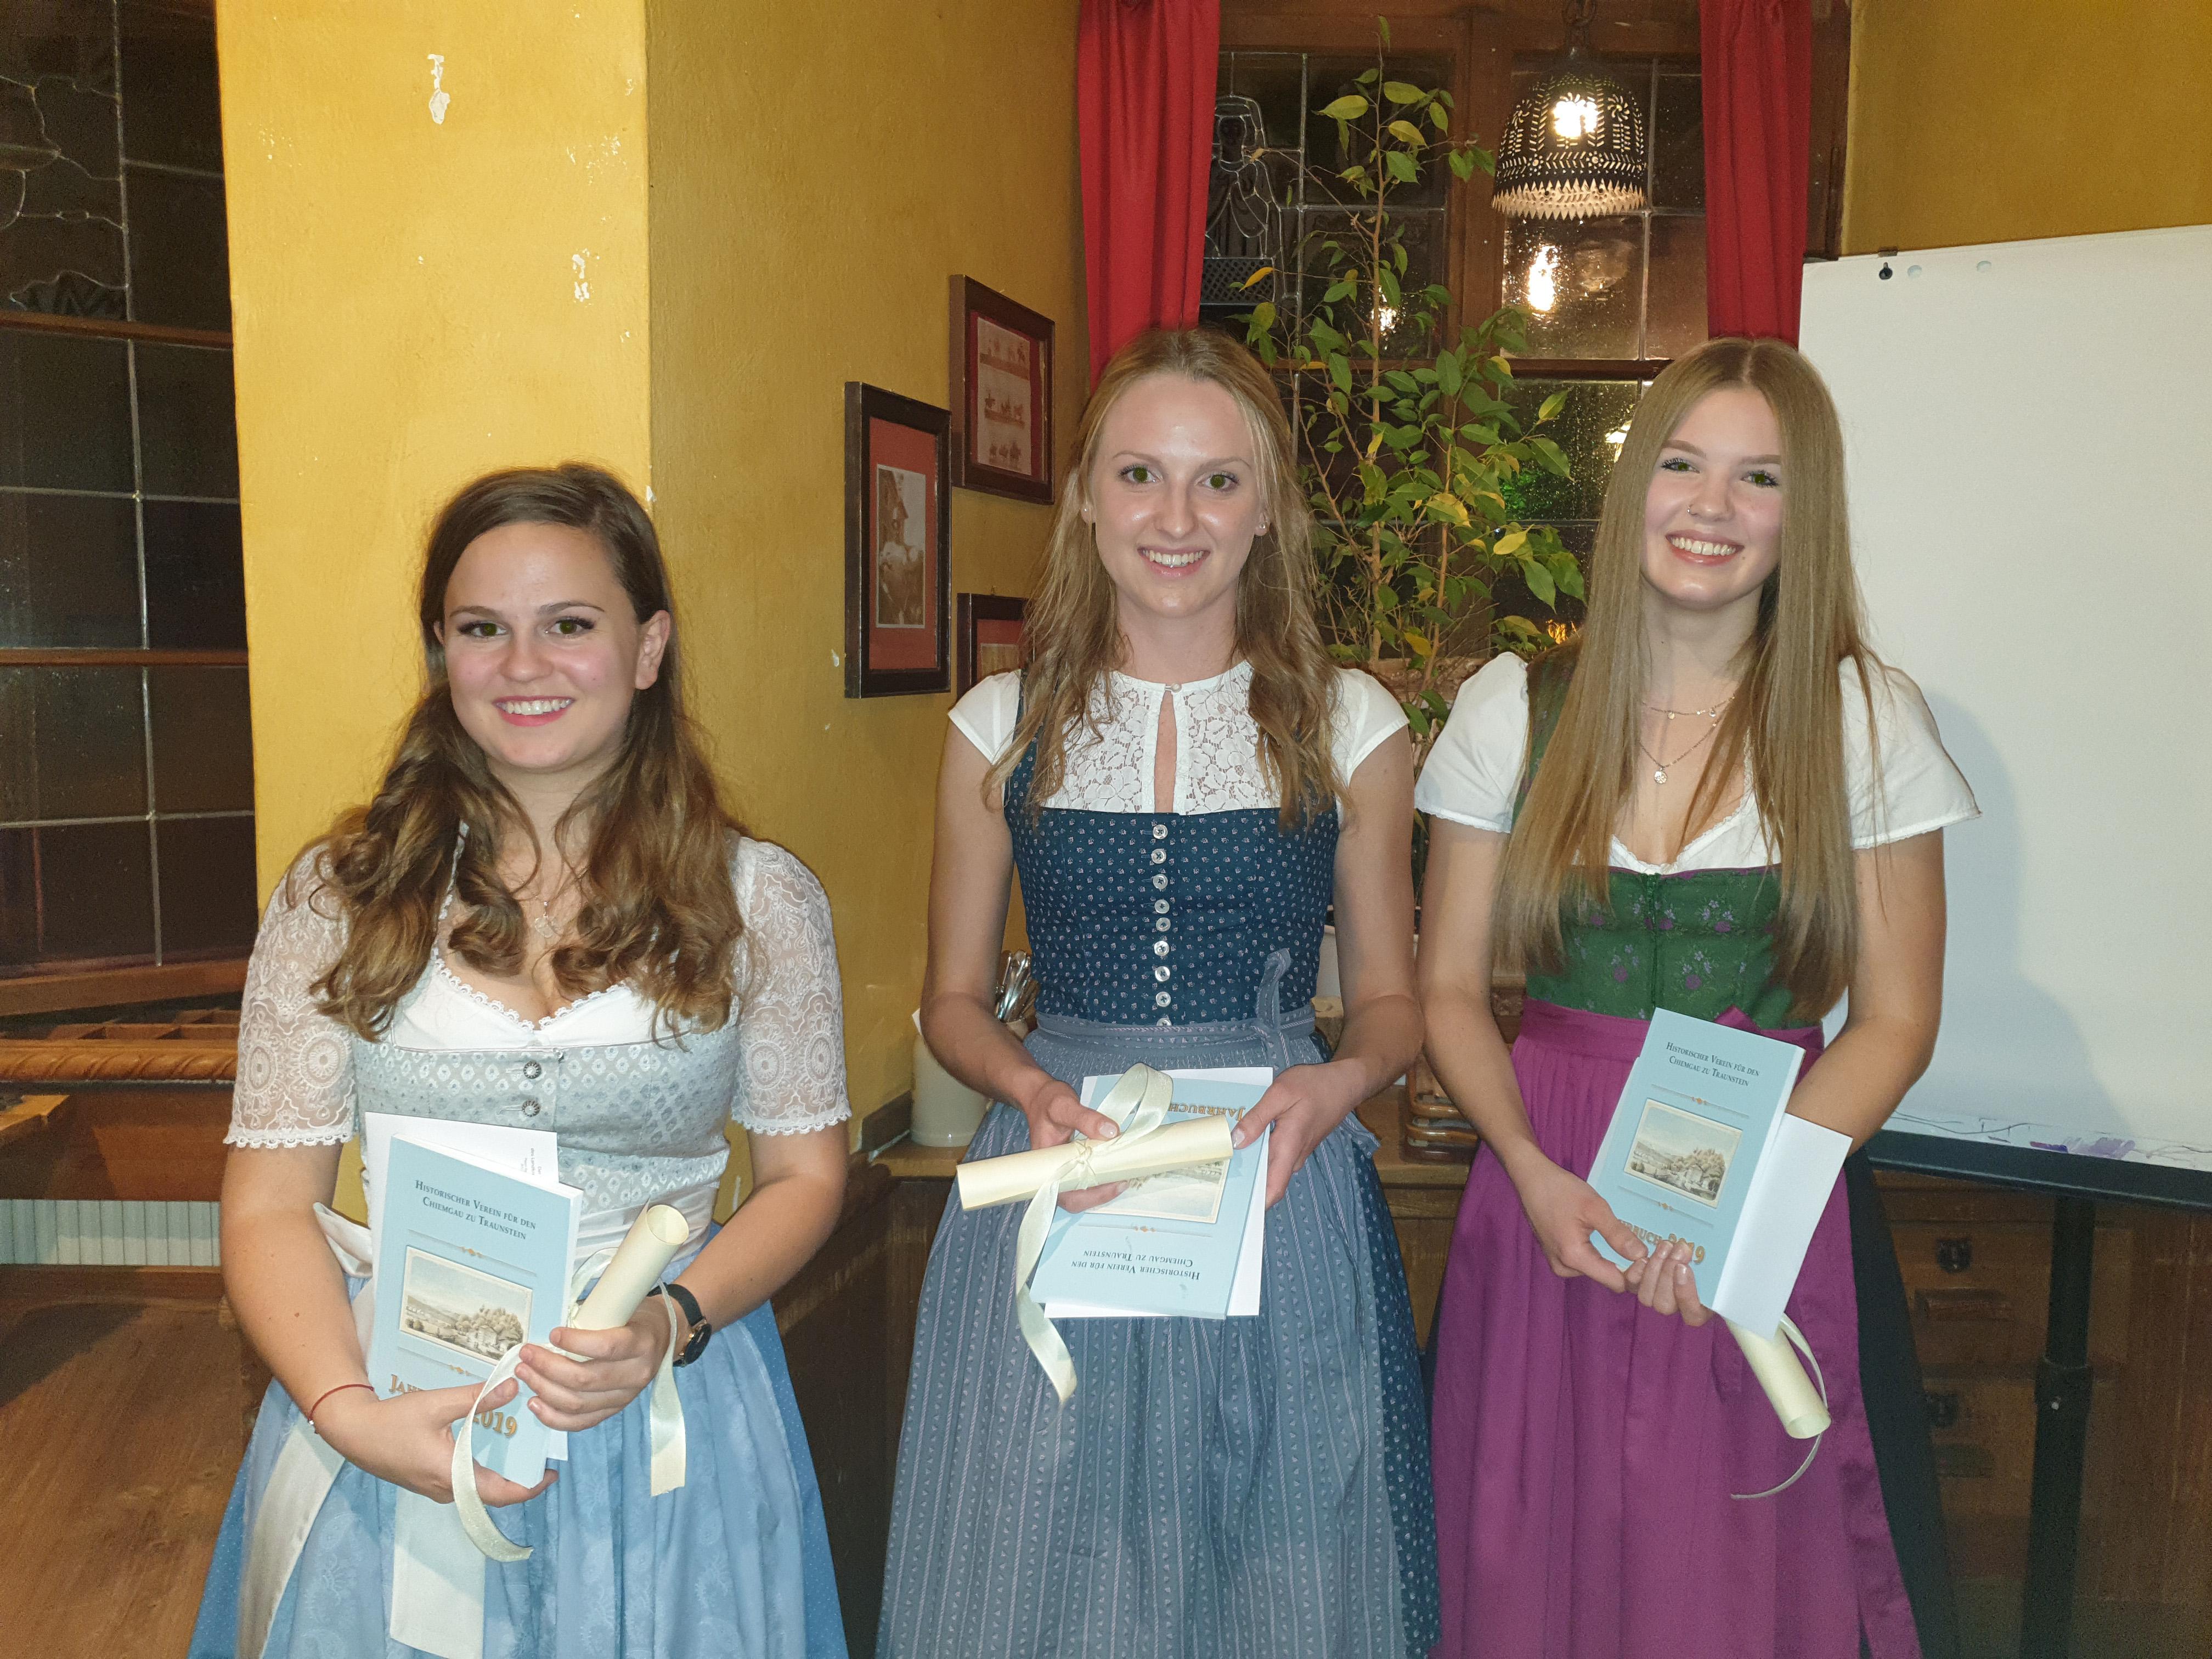 Den Max-Fürst-Jugendpreis erhielten jeweils (von links) Marie-Therese Miess, FOS/BOS Traunstein, sowie Sophia Katharina Maier und Hannah Urian, beide vom Chiemgau-Gymnasium Traunstein.